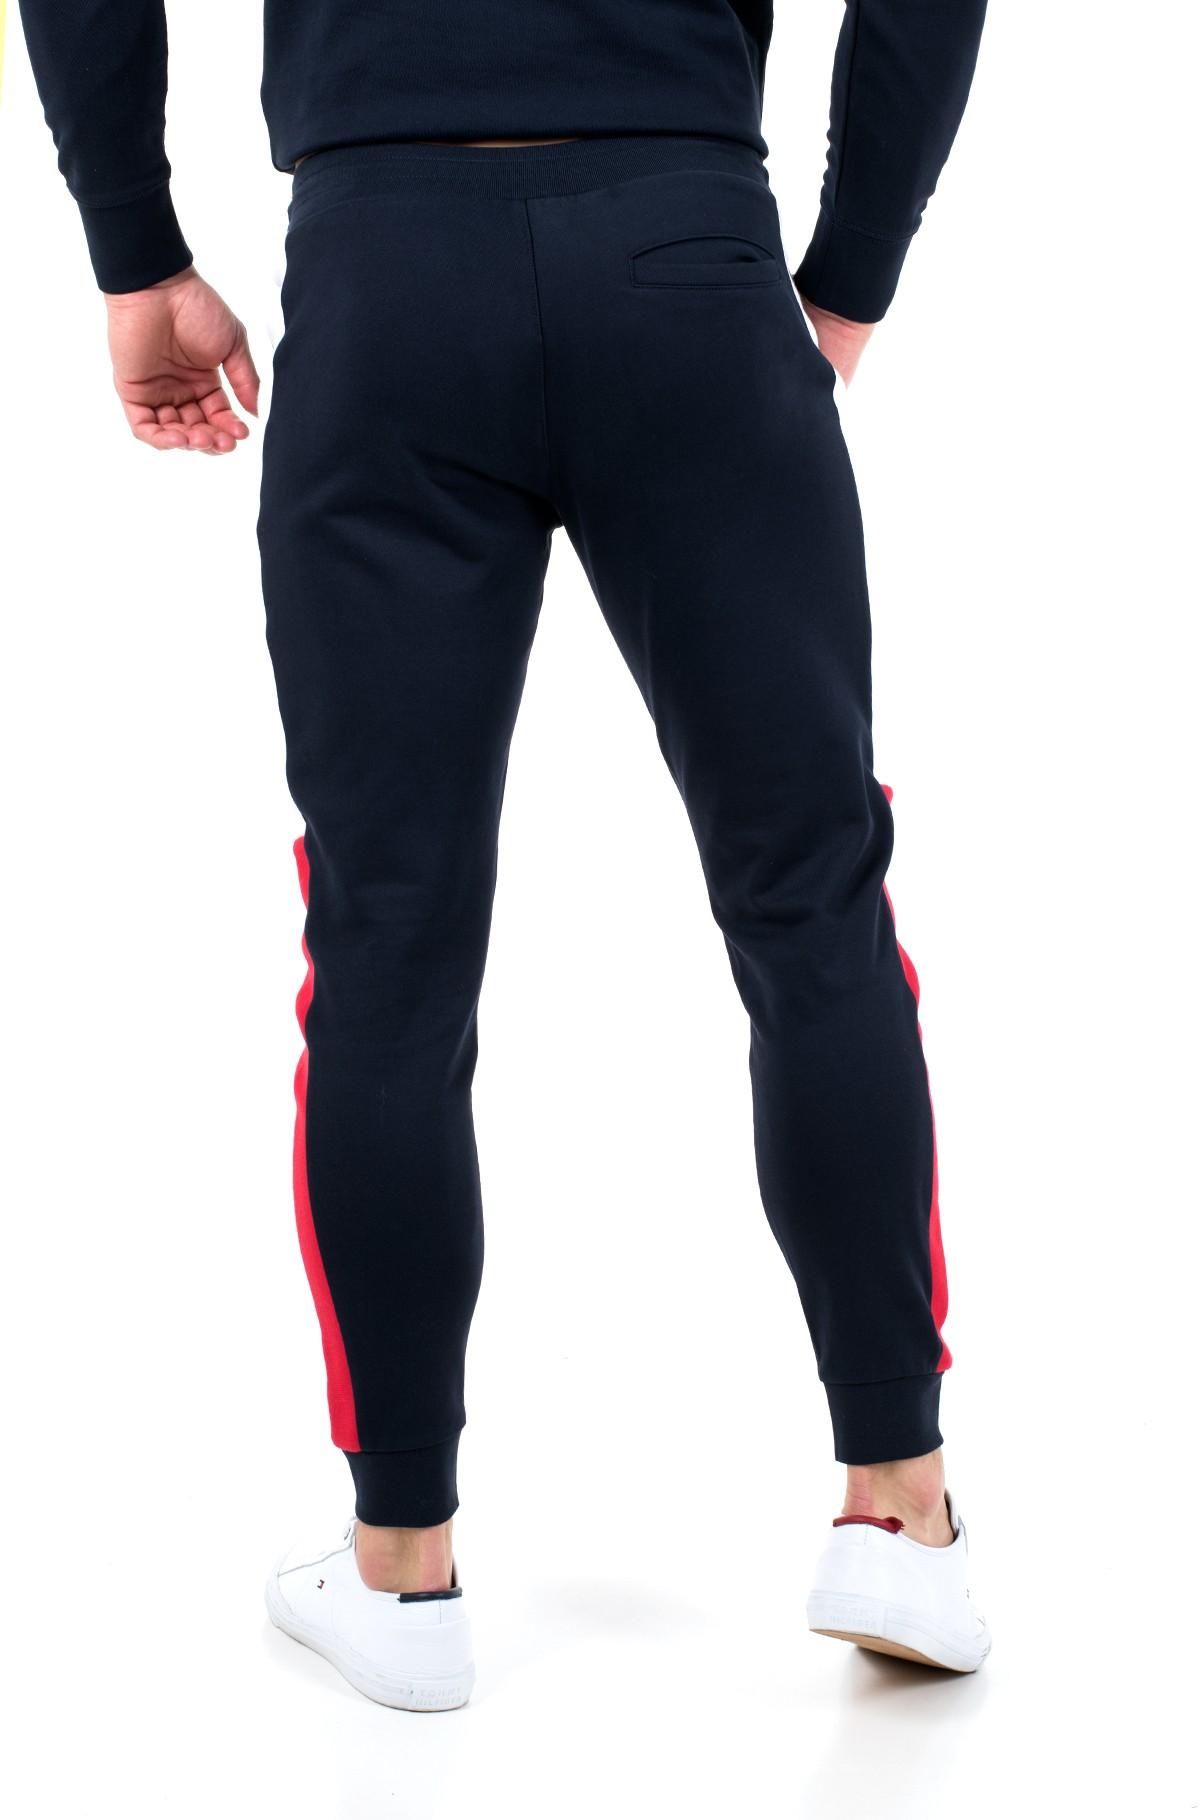 Sportinės kelnės INTARSIA SWEATPANTS-full-2